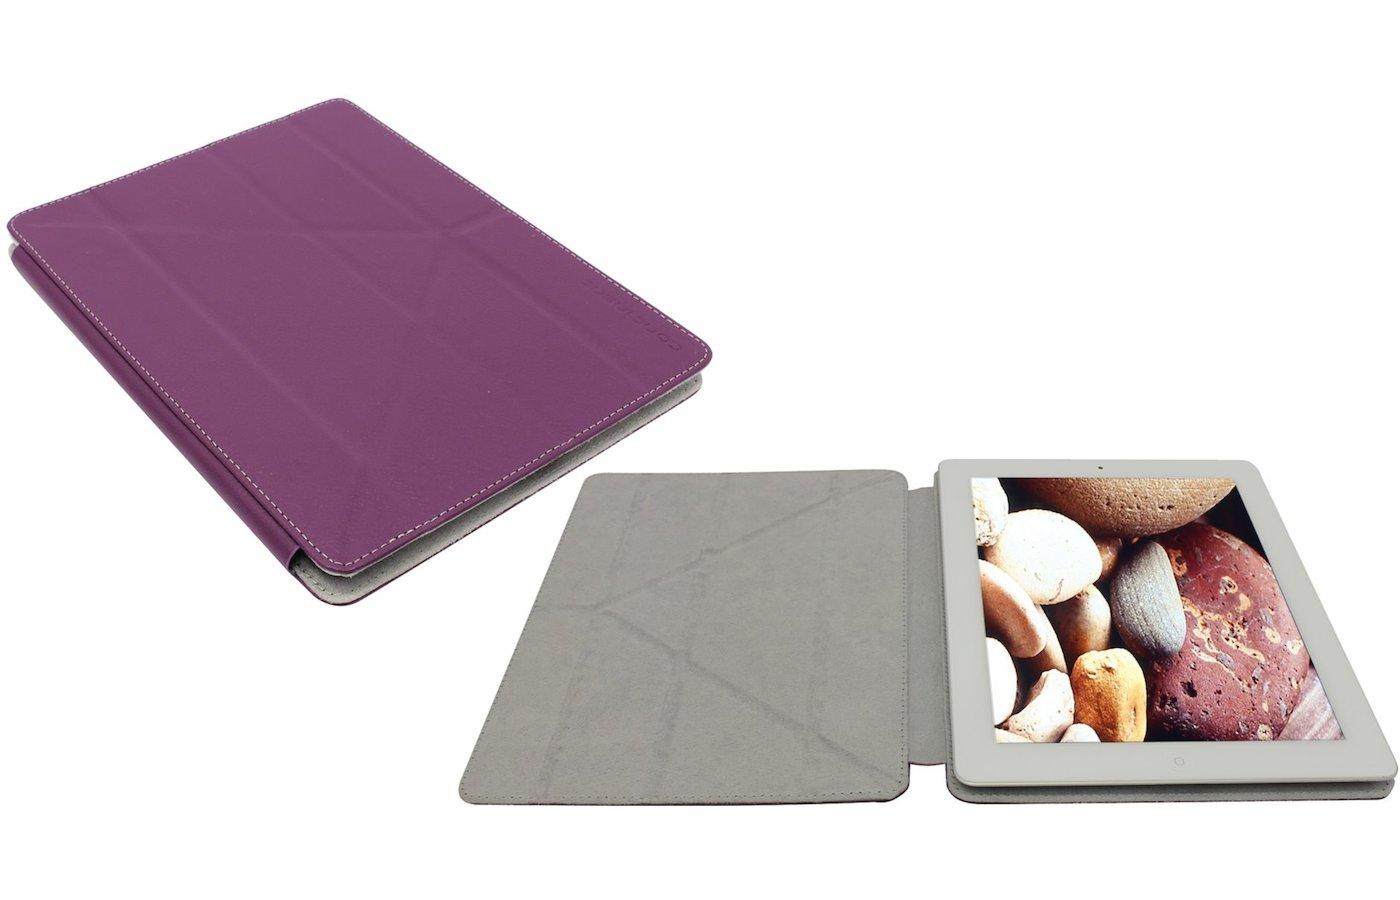 Чехол для планшетного ПК Continent UTS-101 VT универсальный с диагональю до 9,7 Фиолетовый